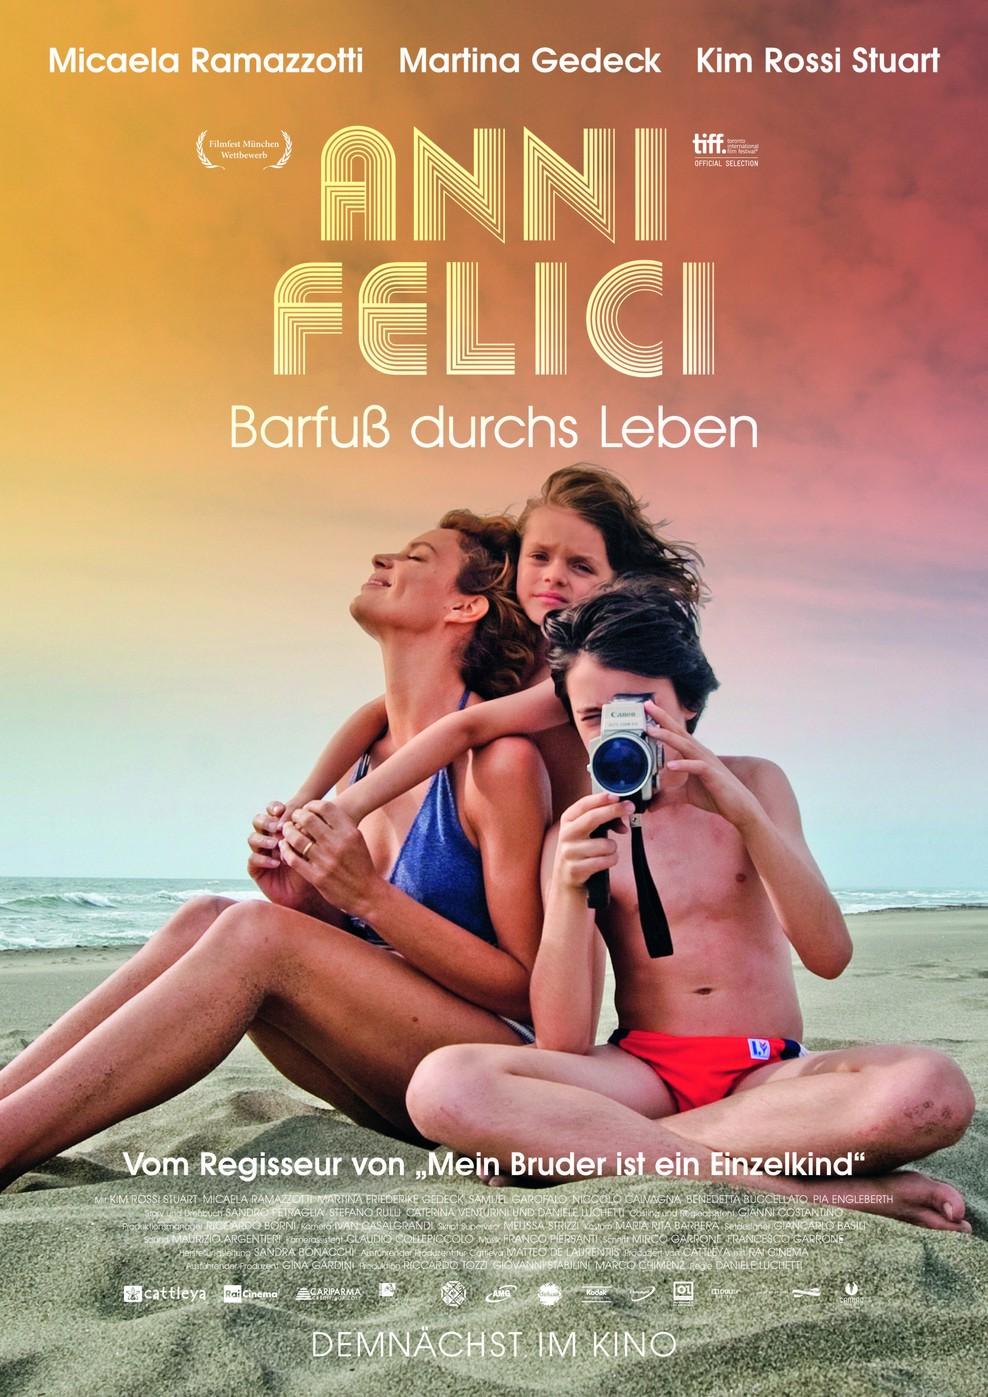 Anni Felici - Barfuß durchs Leben (Poster)